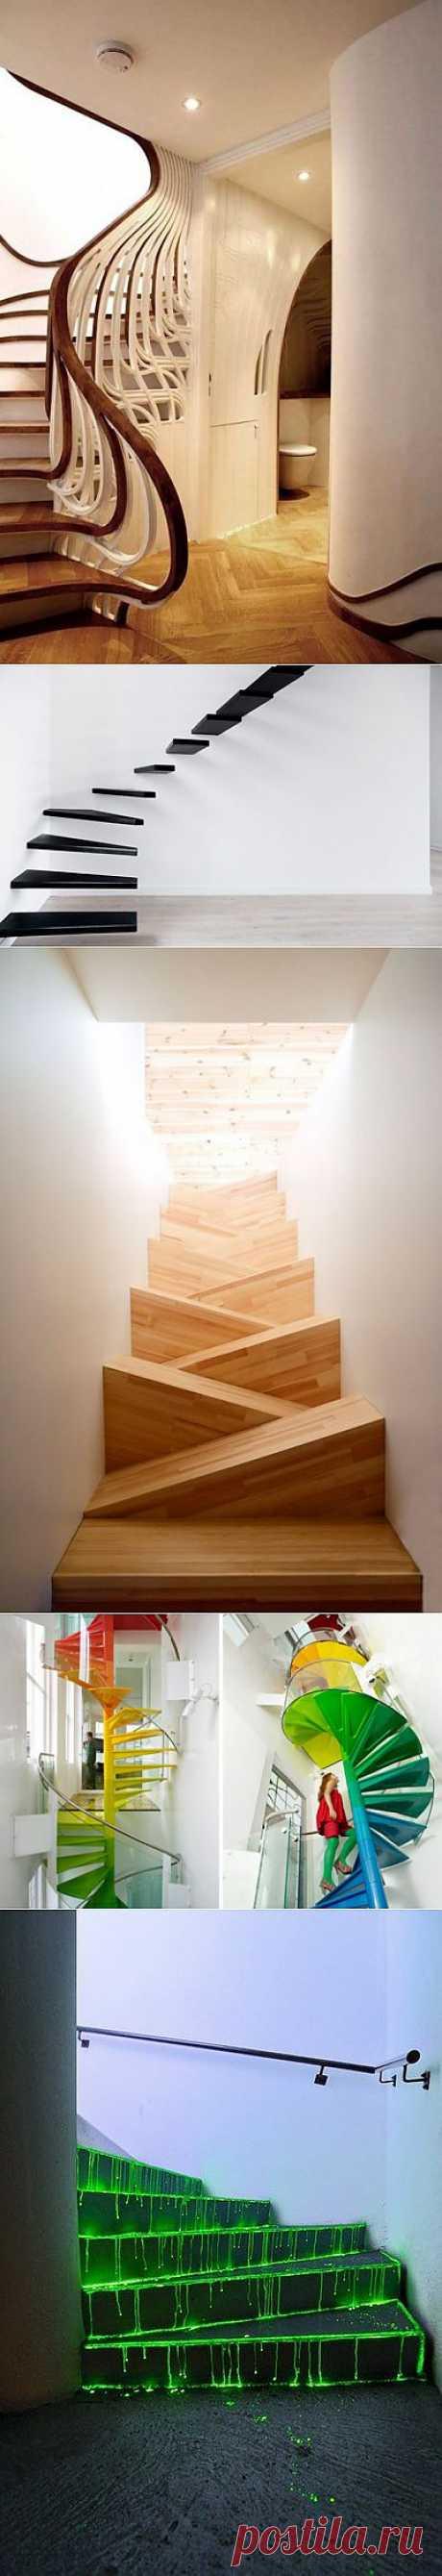 (+1) - Необычные лестницы в доме | Интерьер и Дизайн